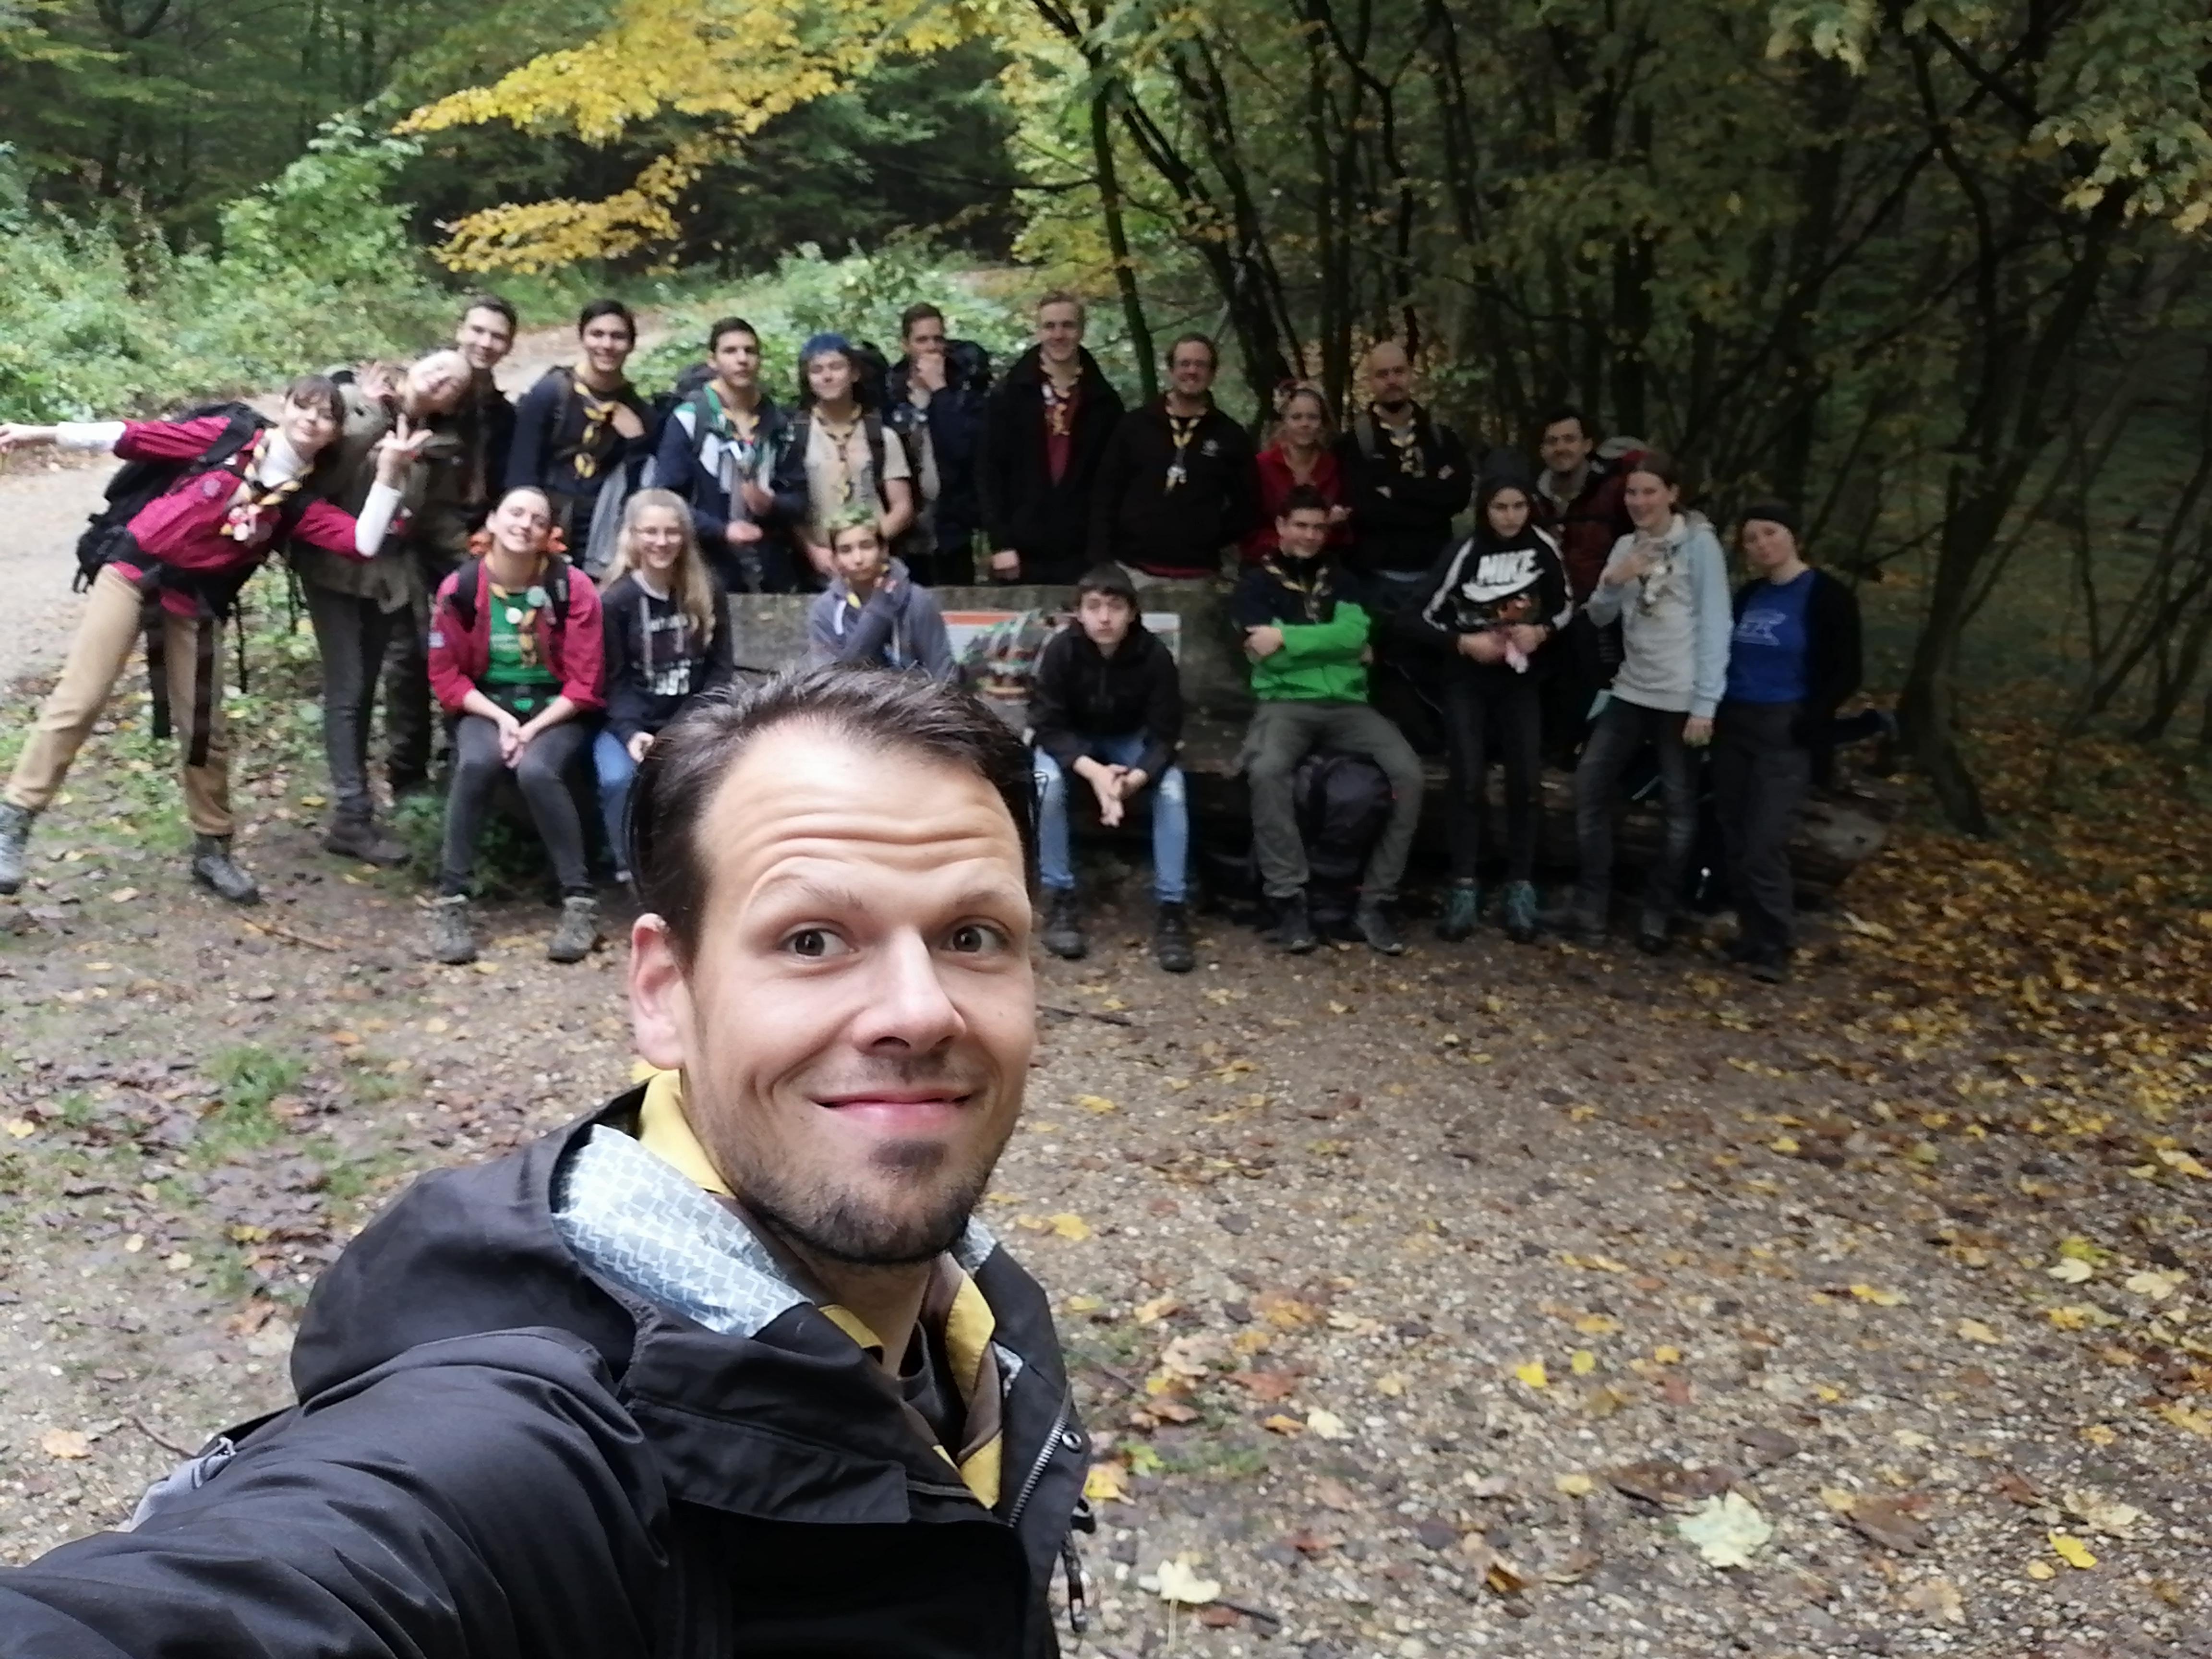 CaEx Herbstlager #Babawagen